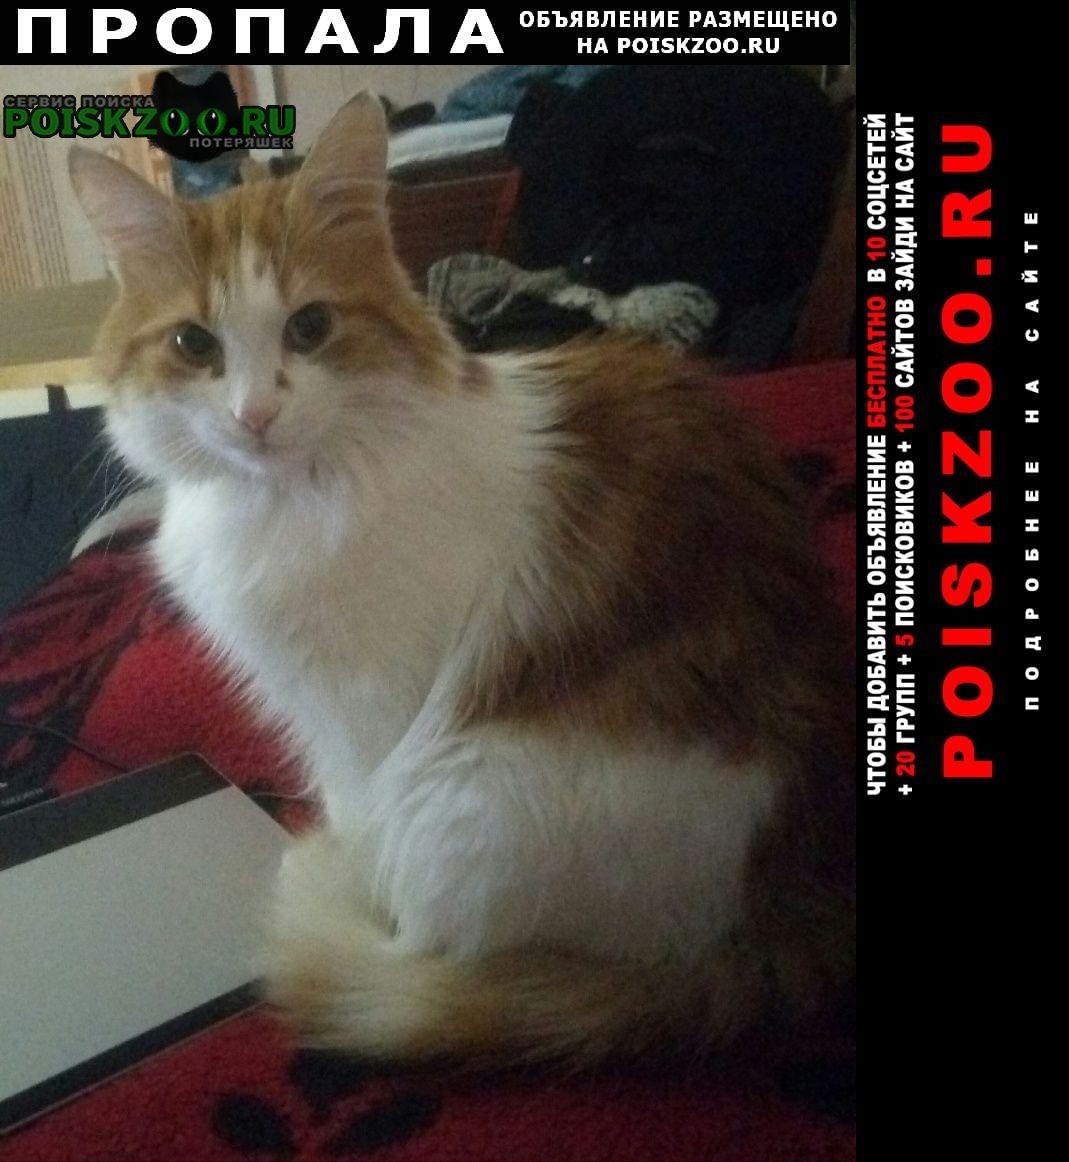 Батайск Пропала кошка сбежал кот